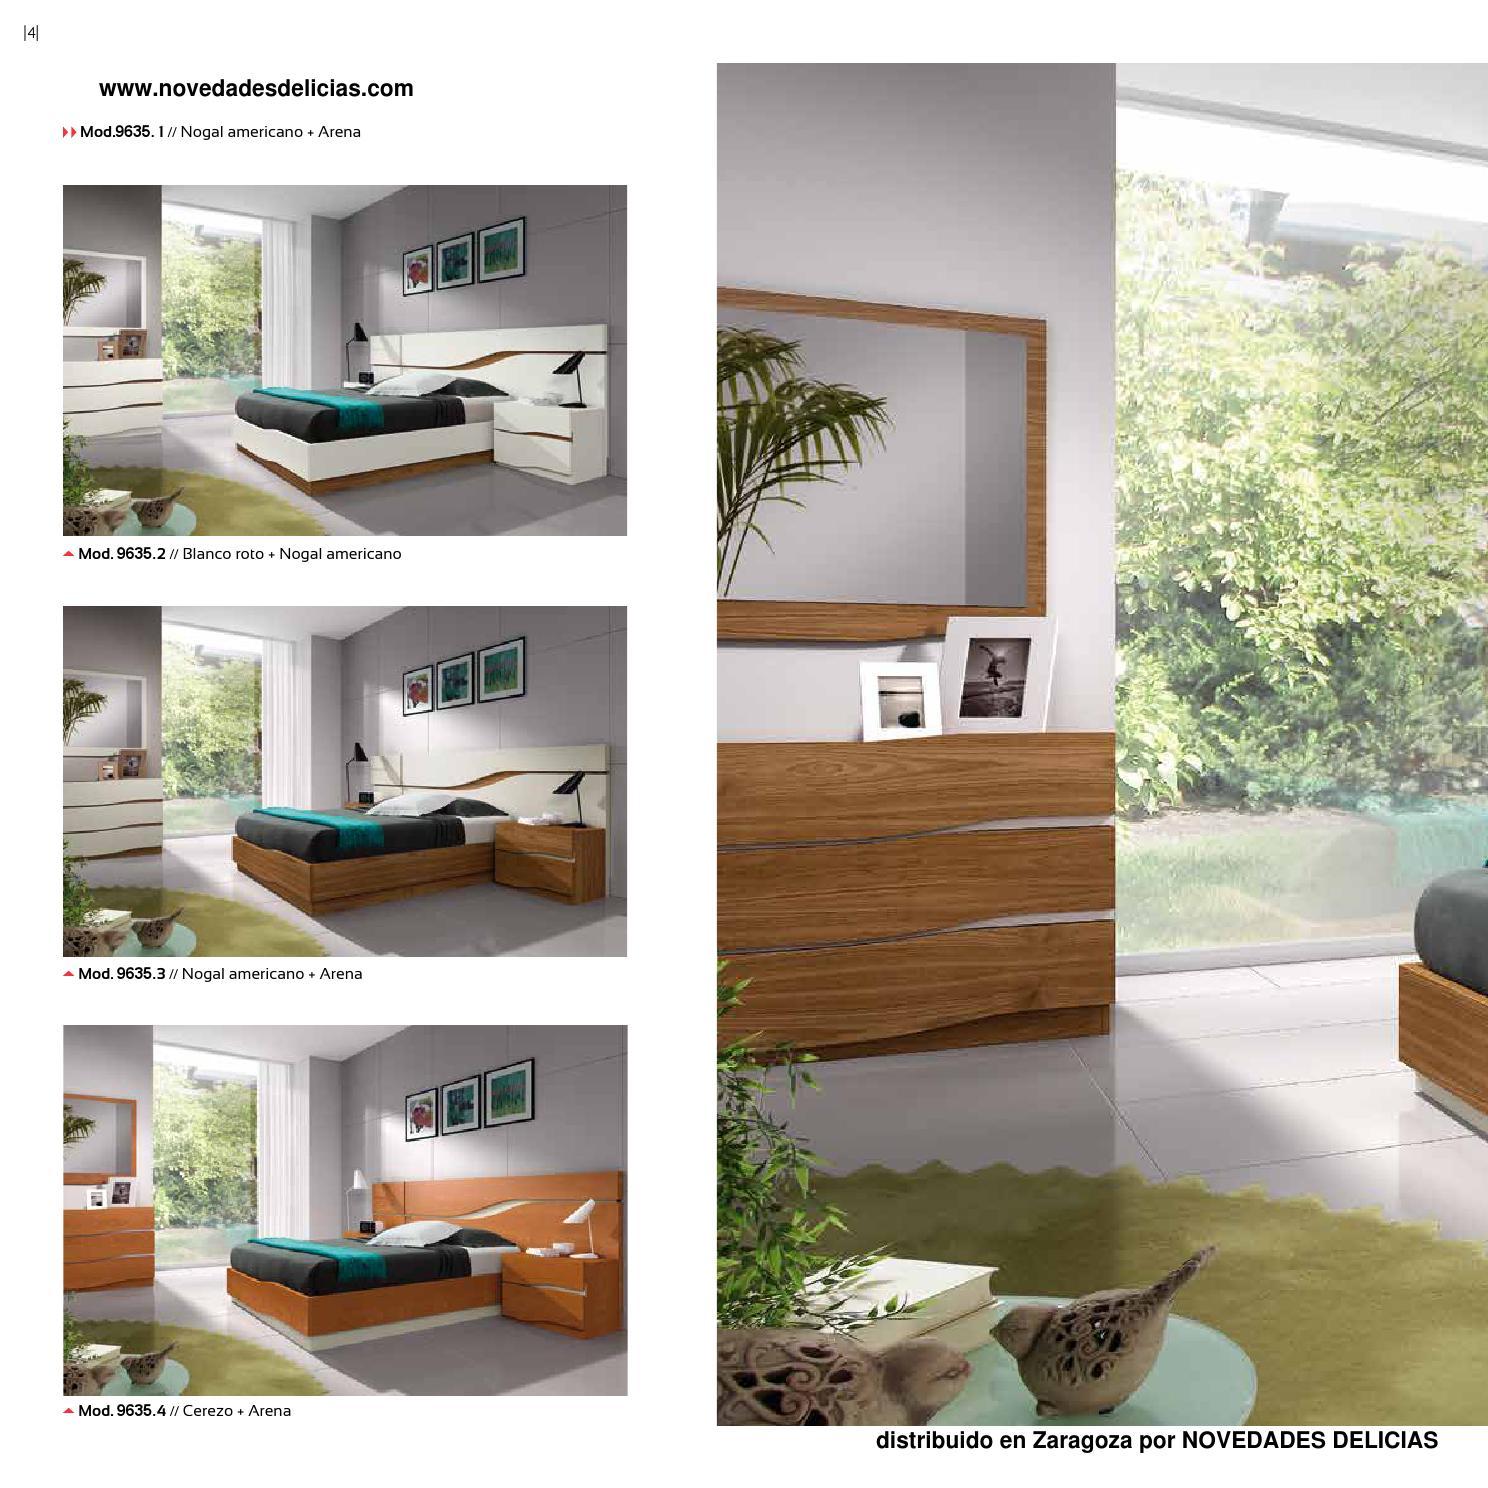 Catalogo dormitorio matrimonio moderno y armarios for Catalogo arredamento moderno